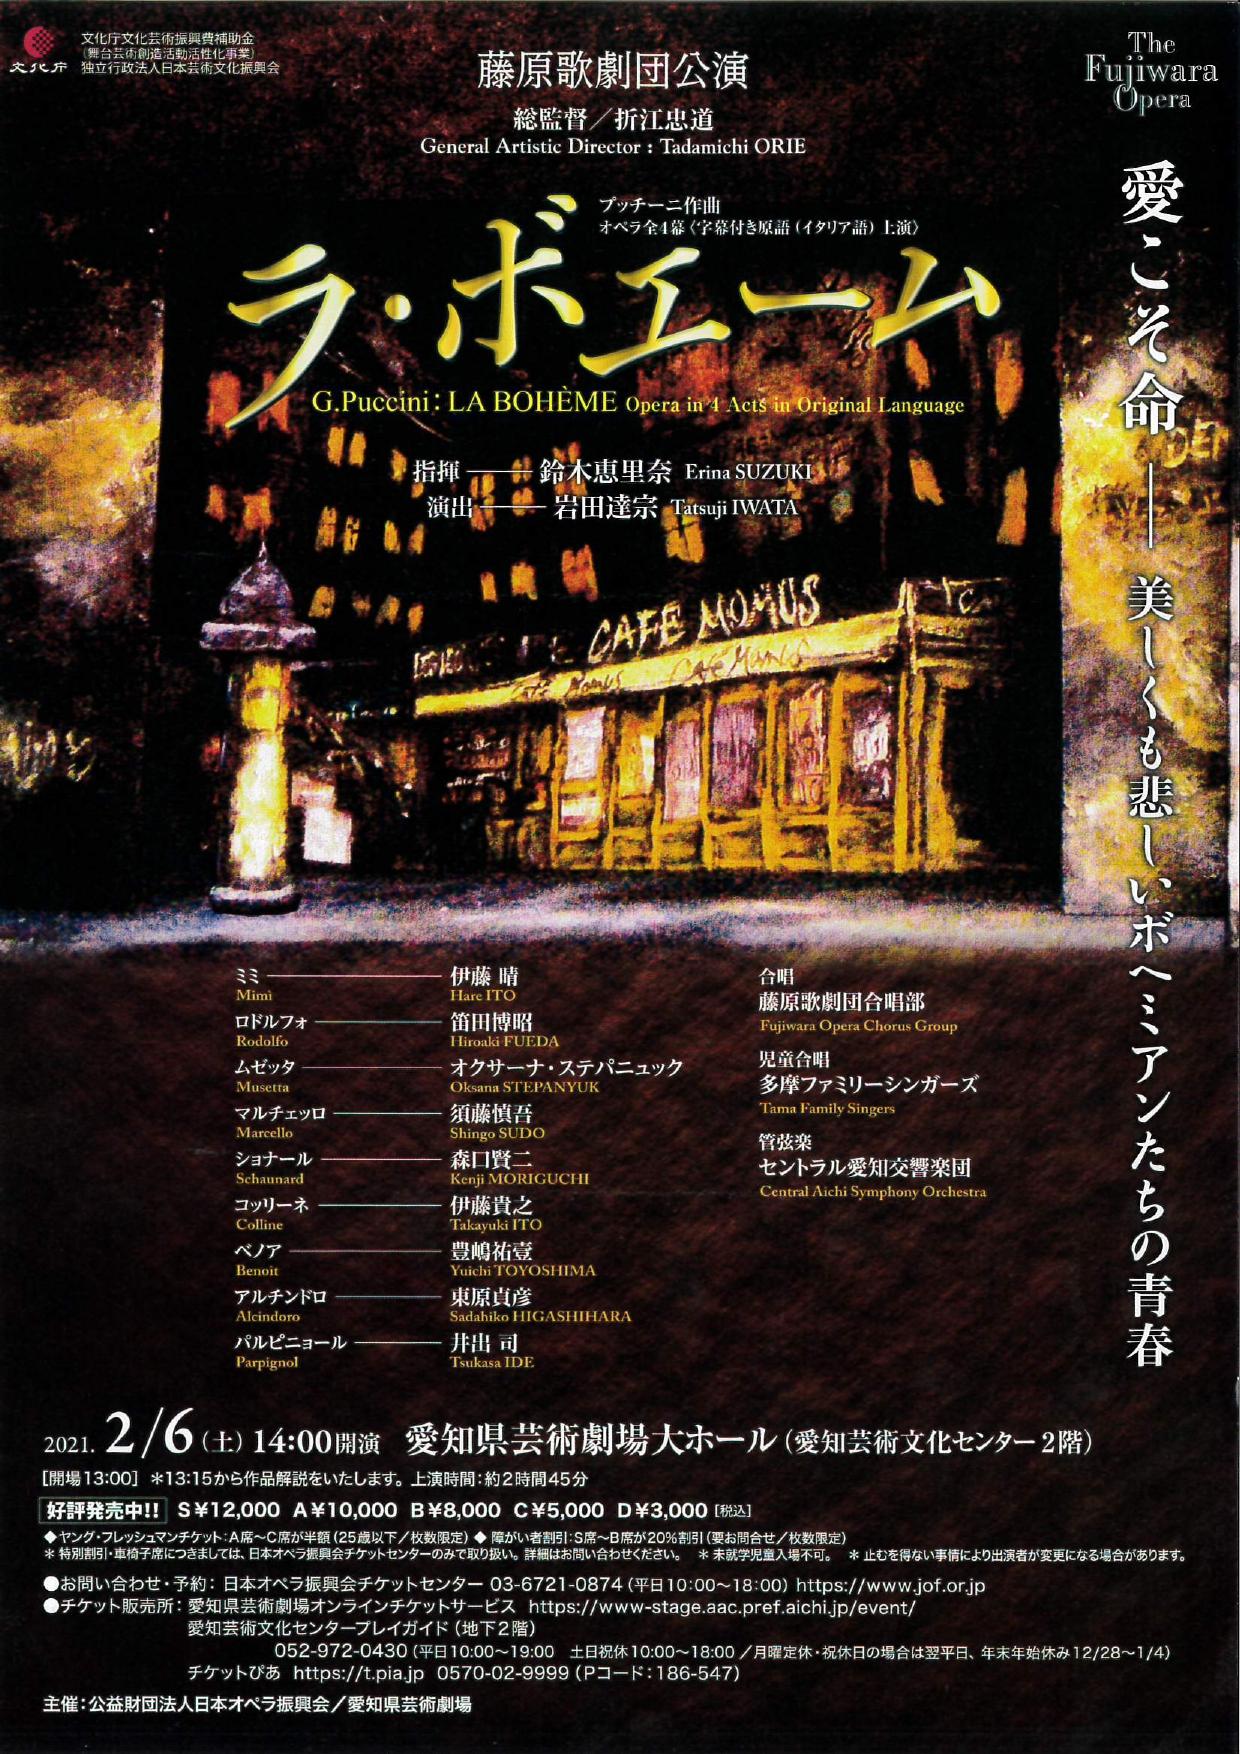 ラ・ボエーム(愛知県芸術劇場大ホール)